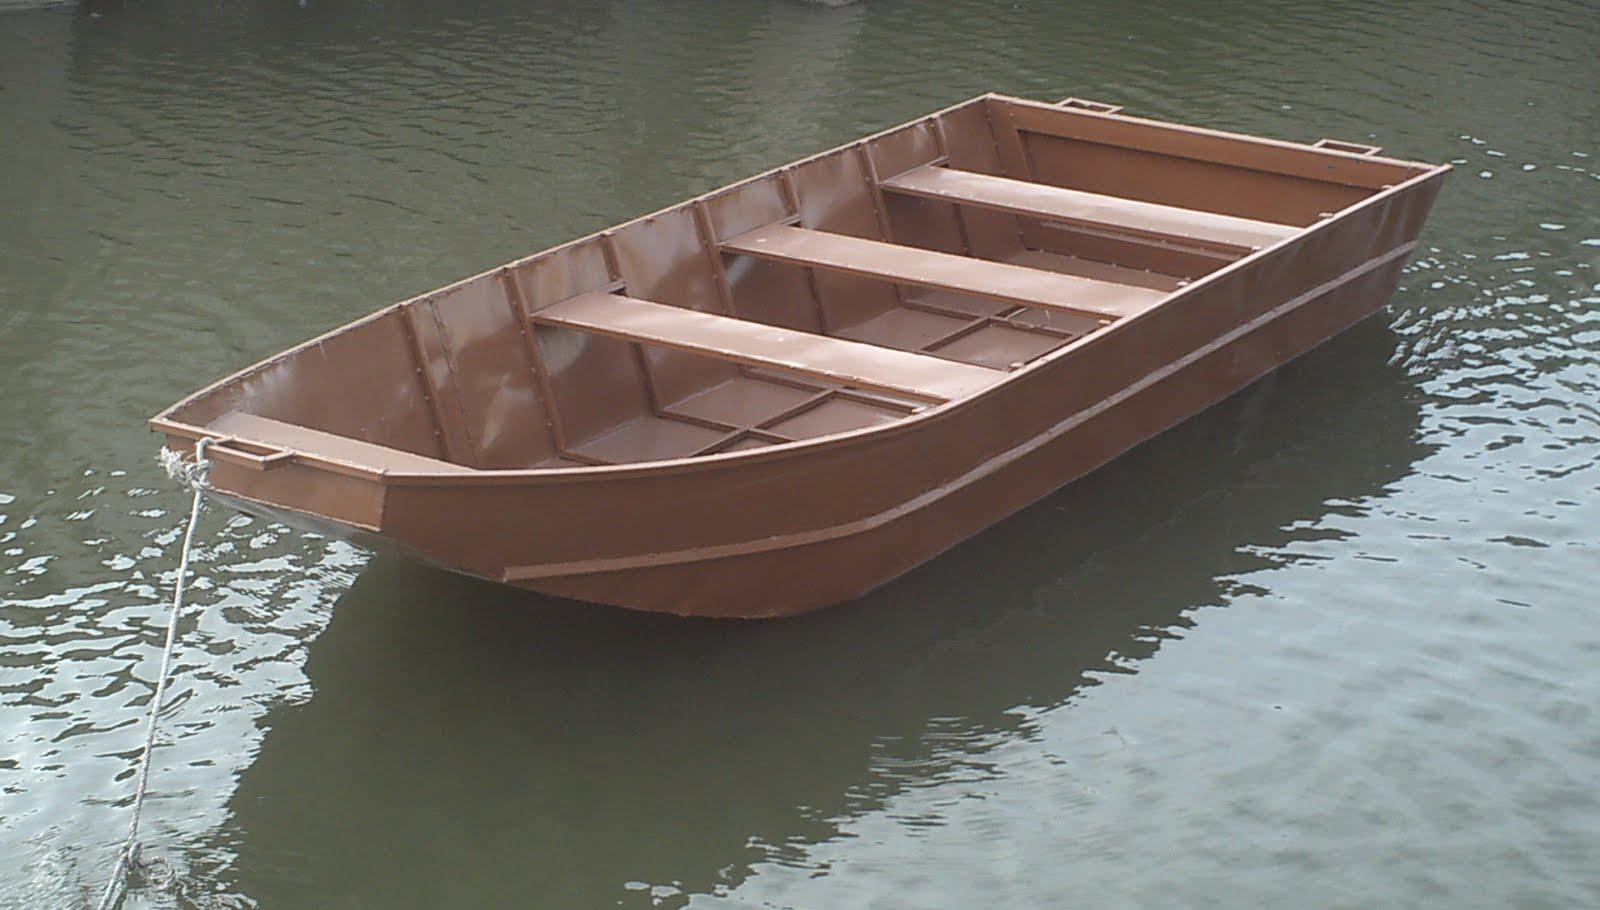 Gartenzelt 3 4 M : เรือเหล็กท้องแบน grid boat u f utility and